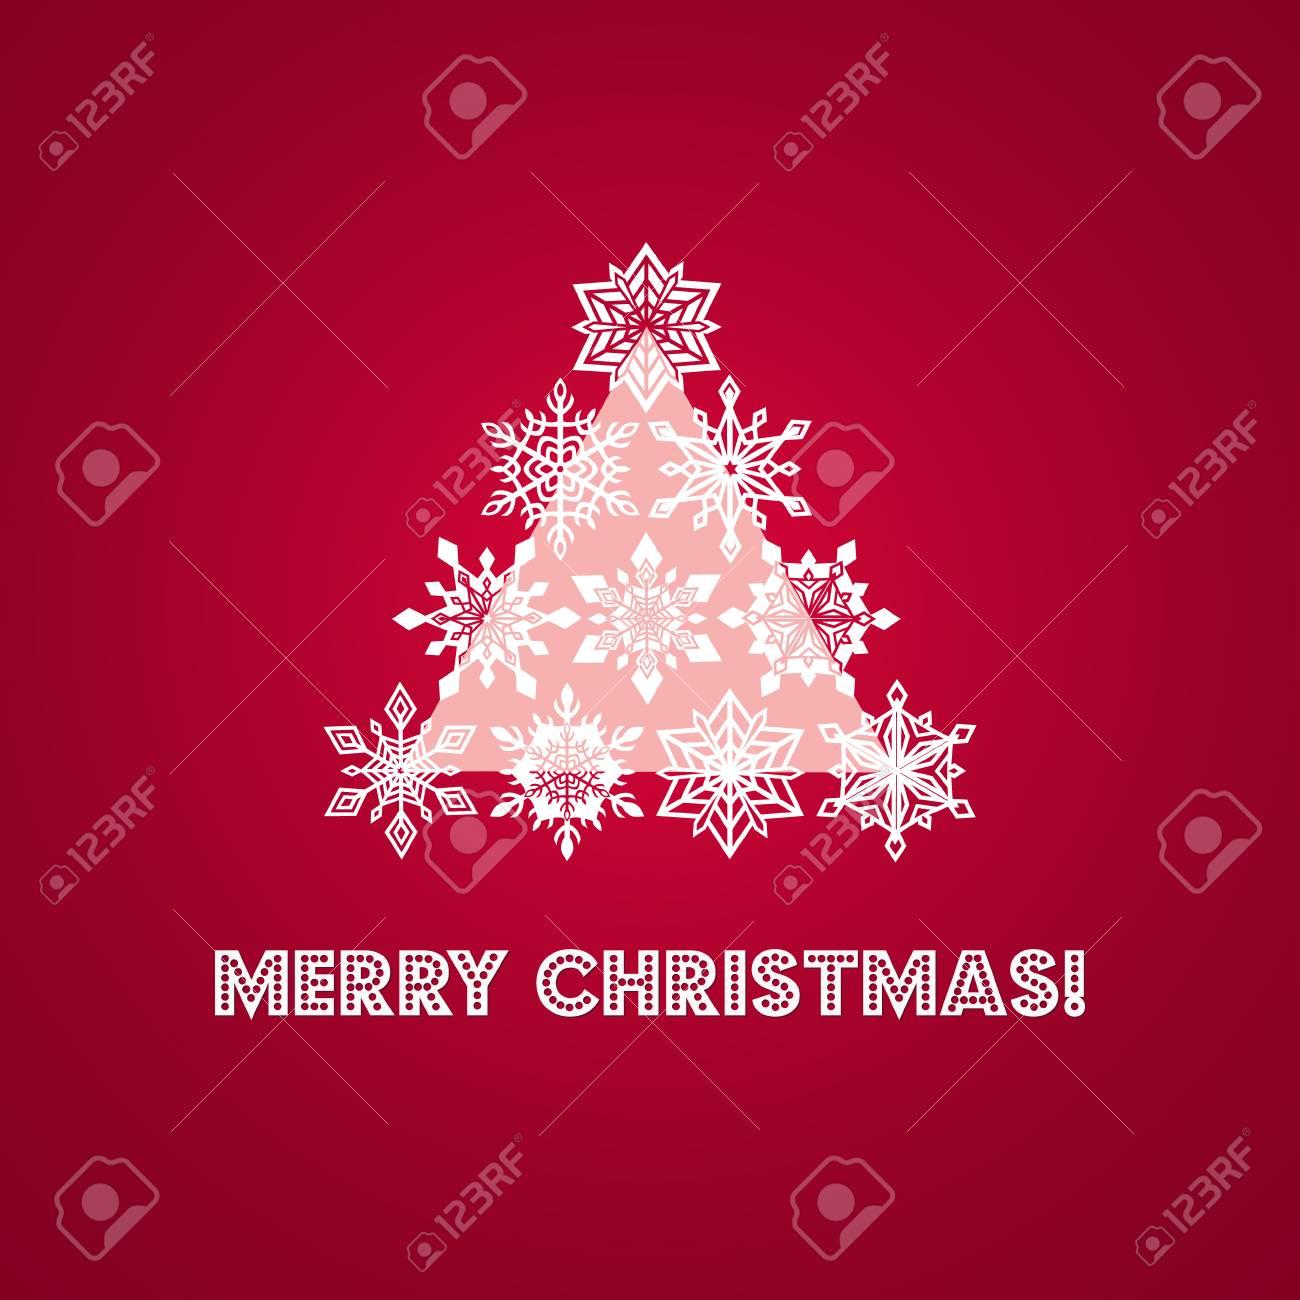 Foto Con Auguri Di Buon Natale.Auguri Di Buon Natale Con Le Parole E Albero Di Pizzo Bianco Snowflakes Piu Geometrica Triangolo Base Su Sfondo Rosso